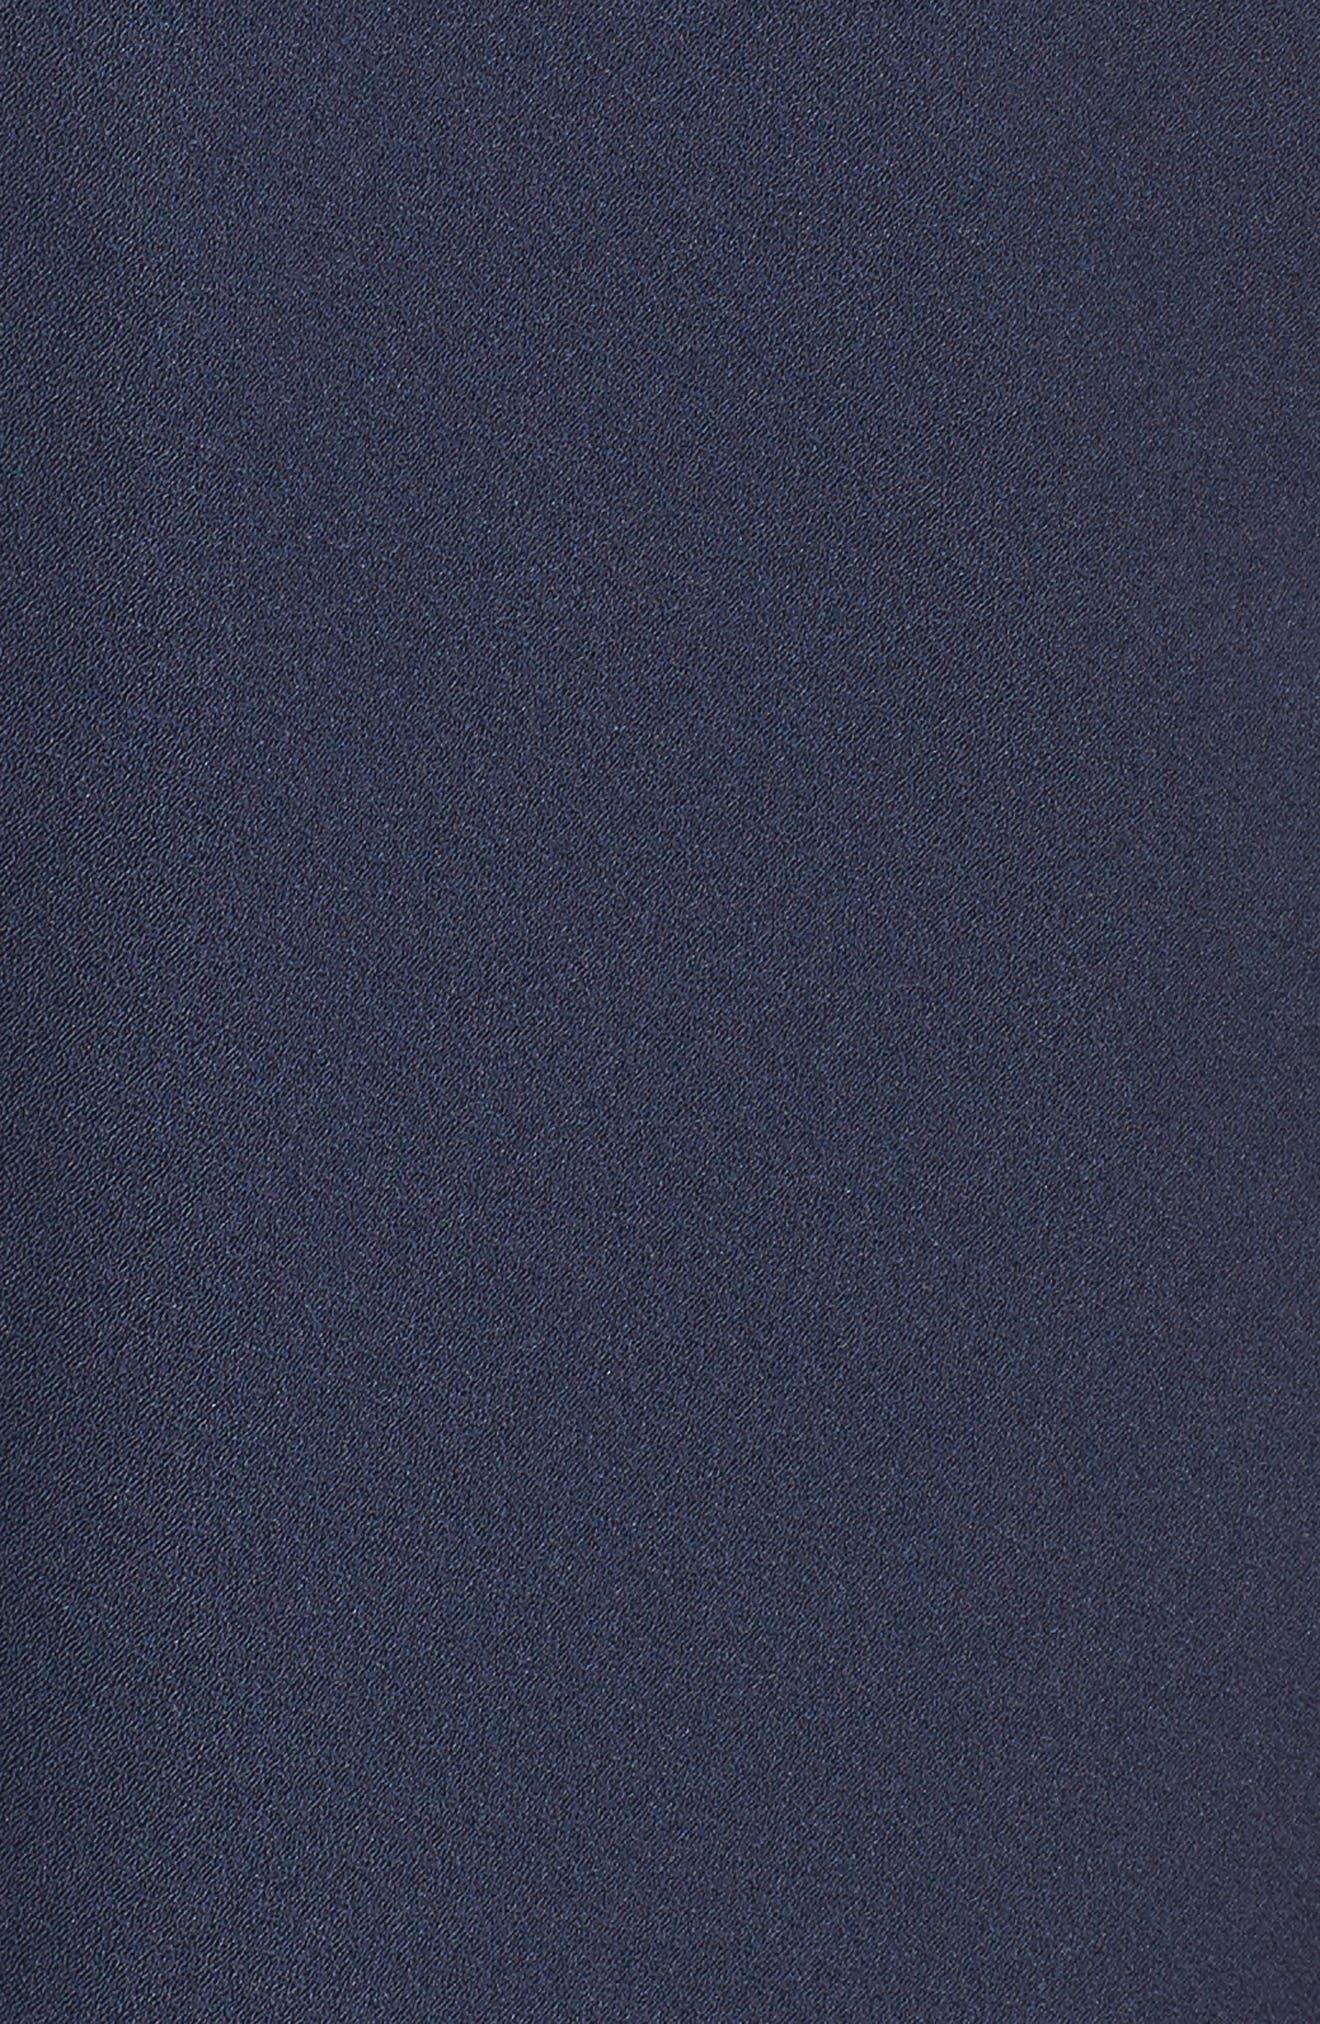 Cowl Neck Halter Jumpsuit,                             Alternate thumbnail 5, color,                             410